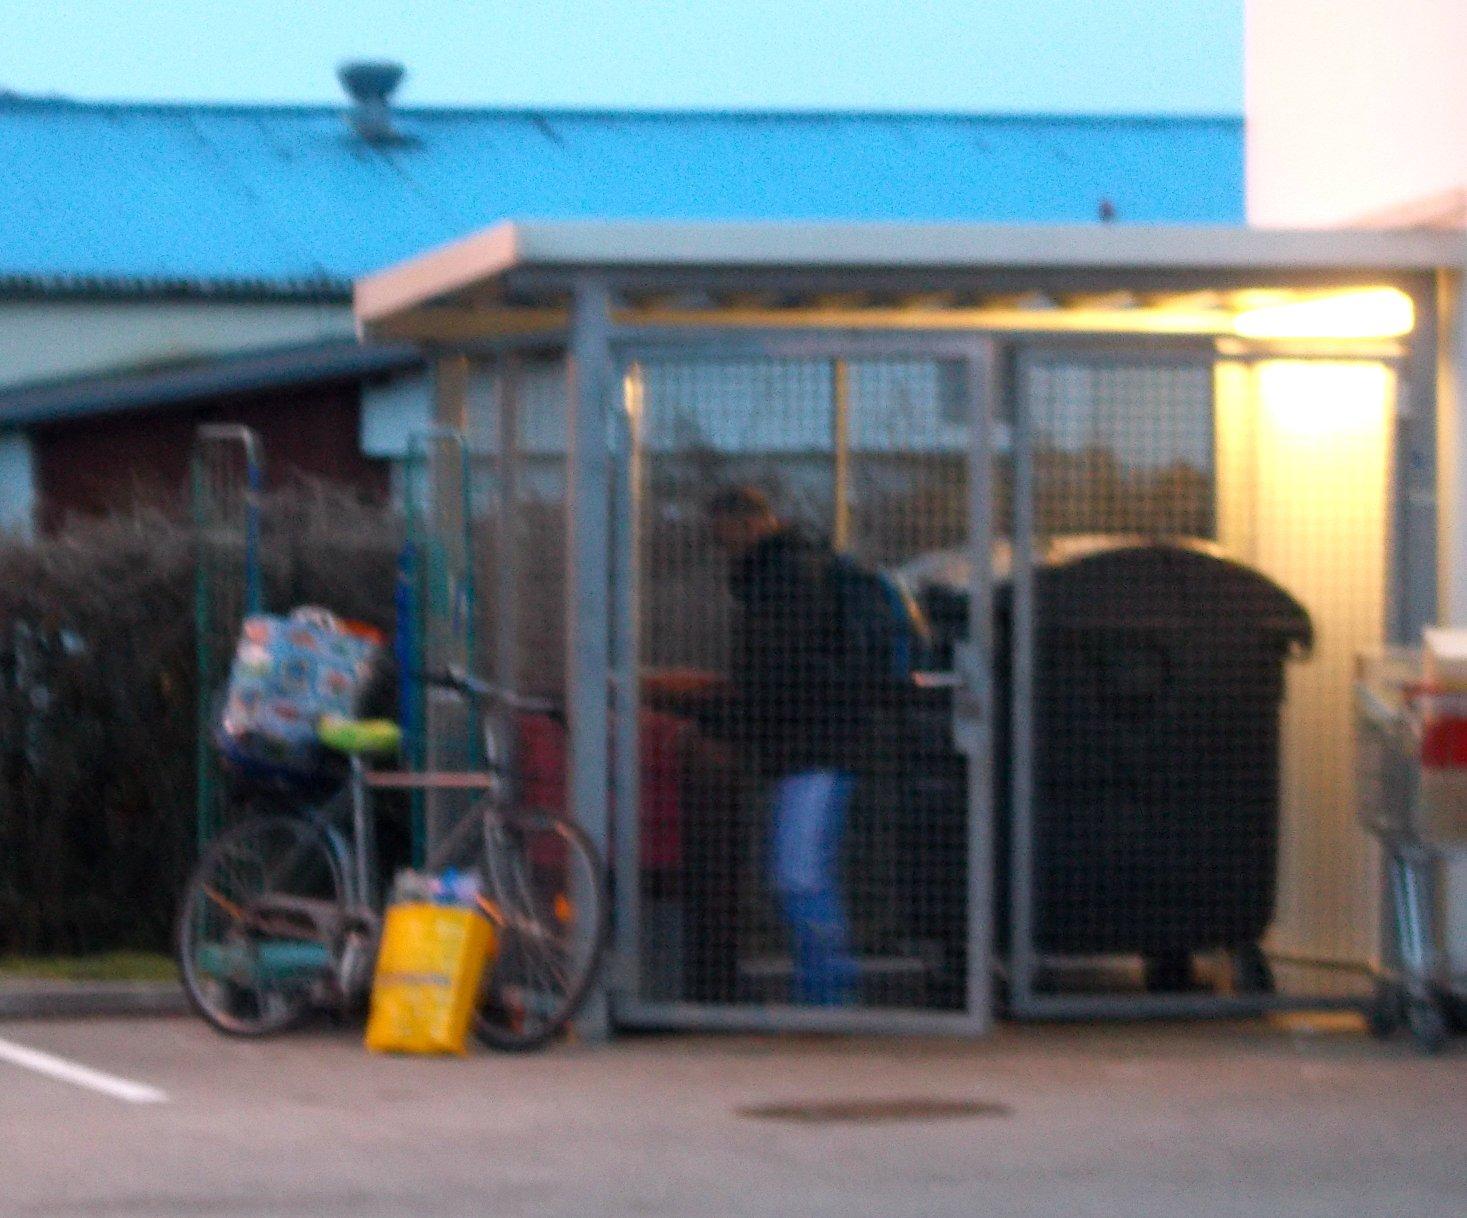 Ein Mann in blauer Hose bediente sich kostenlos und stopfte seine riesigen Einkaufstaschen am Rad voll